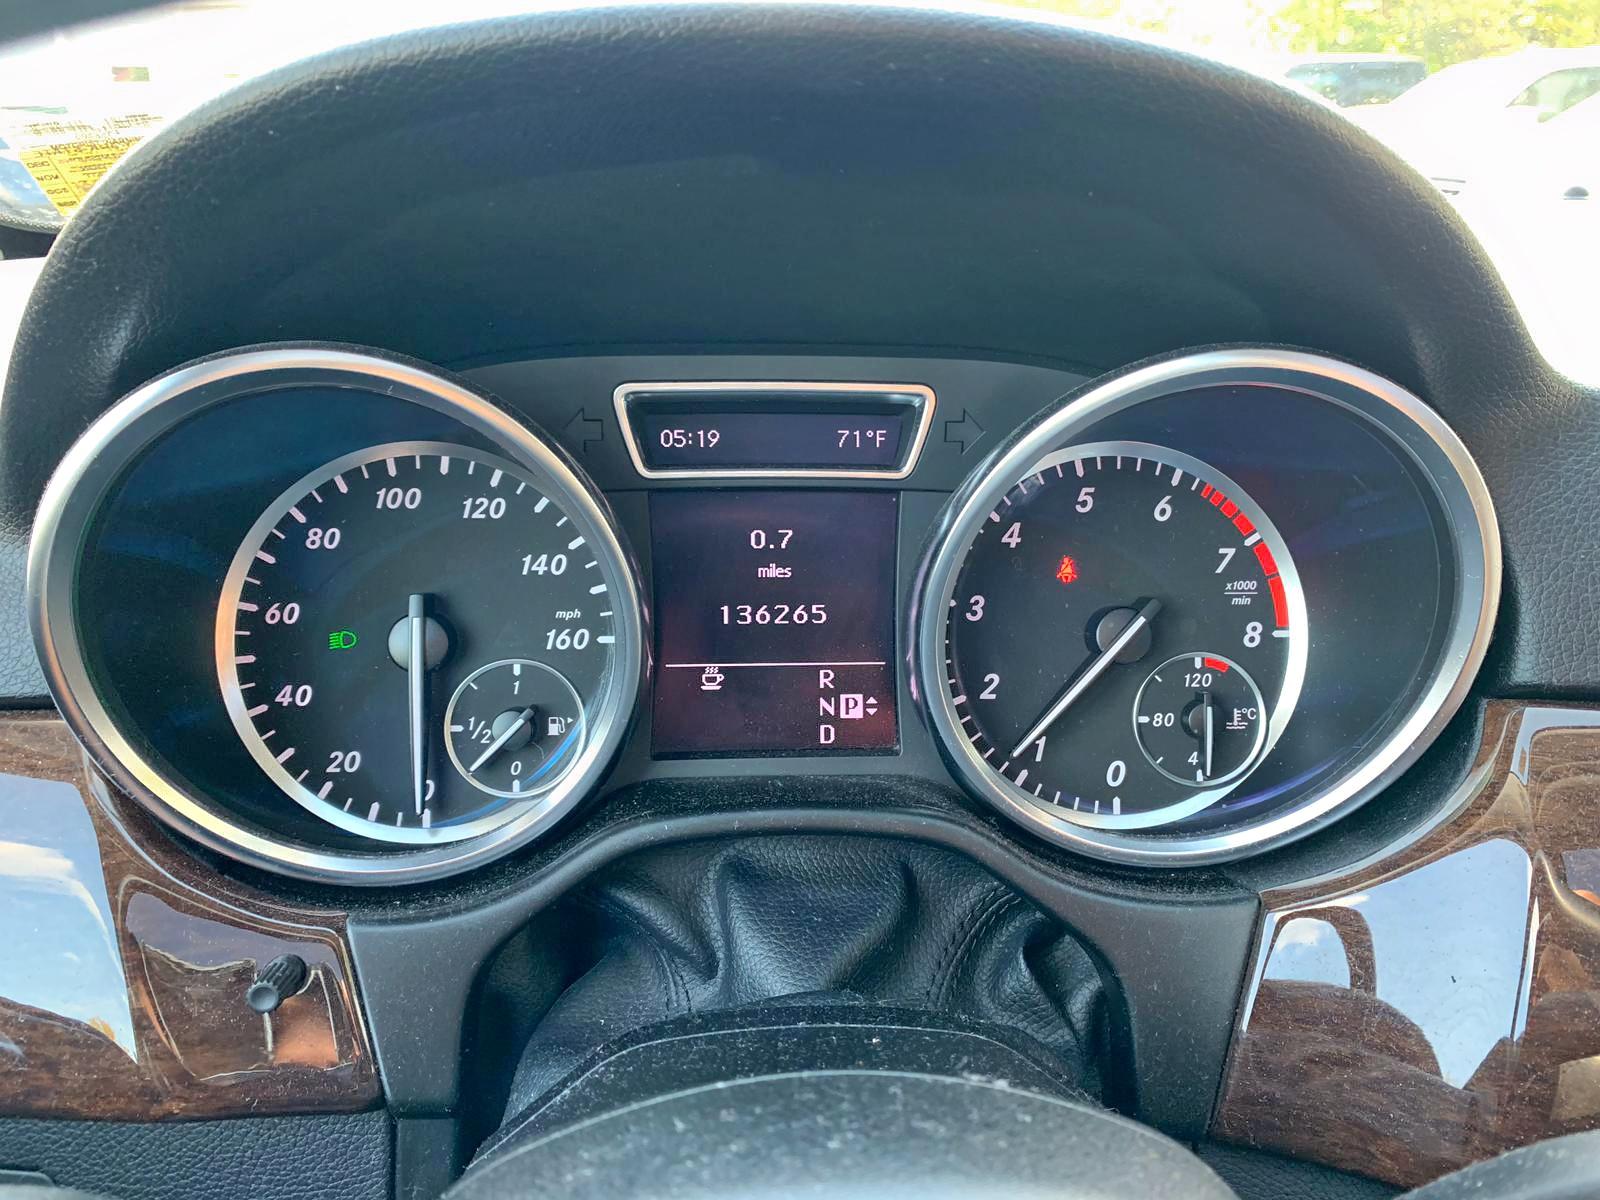 4JGDA5HB5CA030011 - 2012 Mercedes-Benz Ml 350 4Ma 3.5L inside view